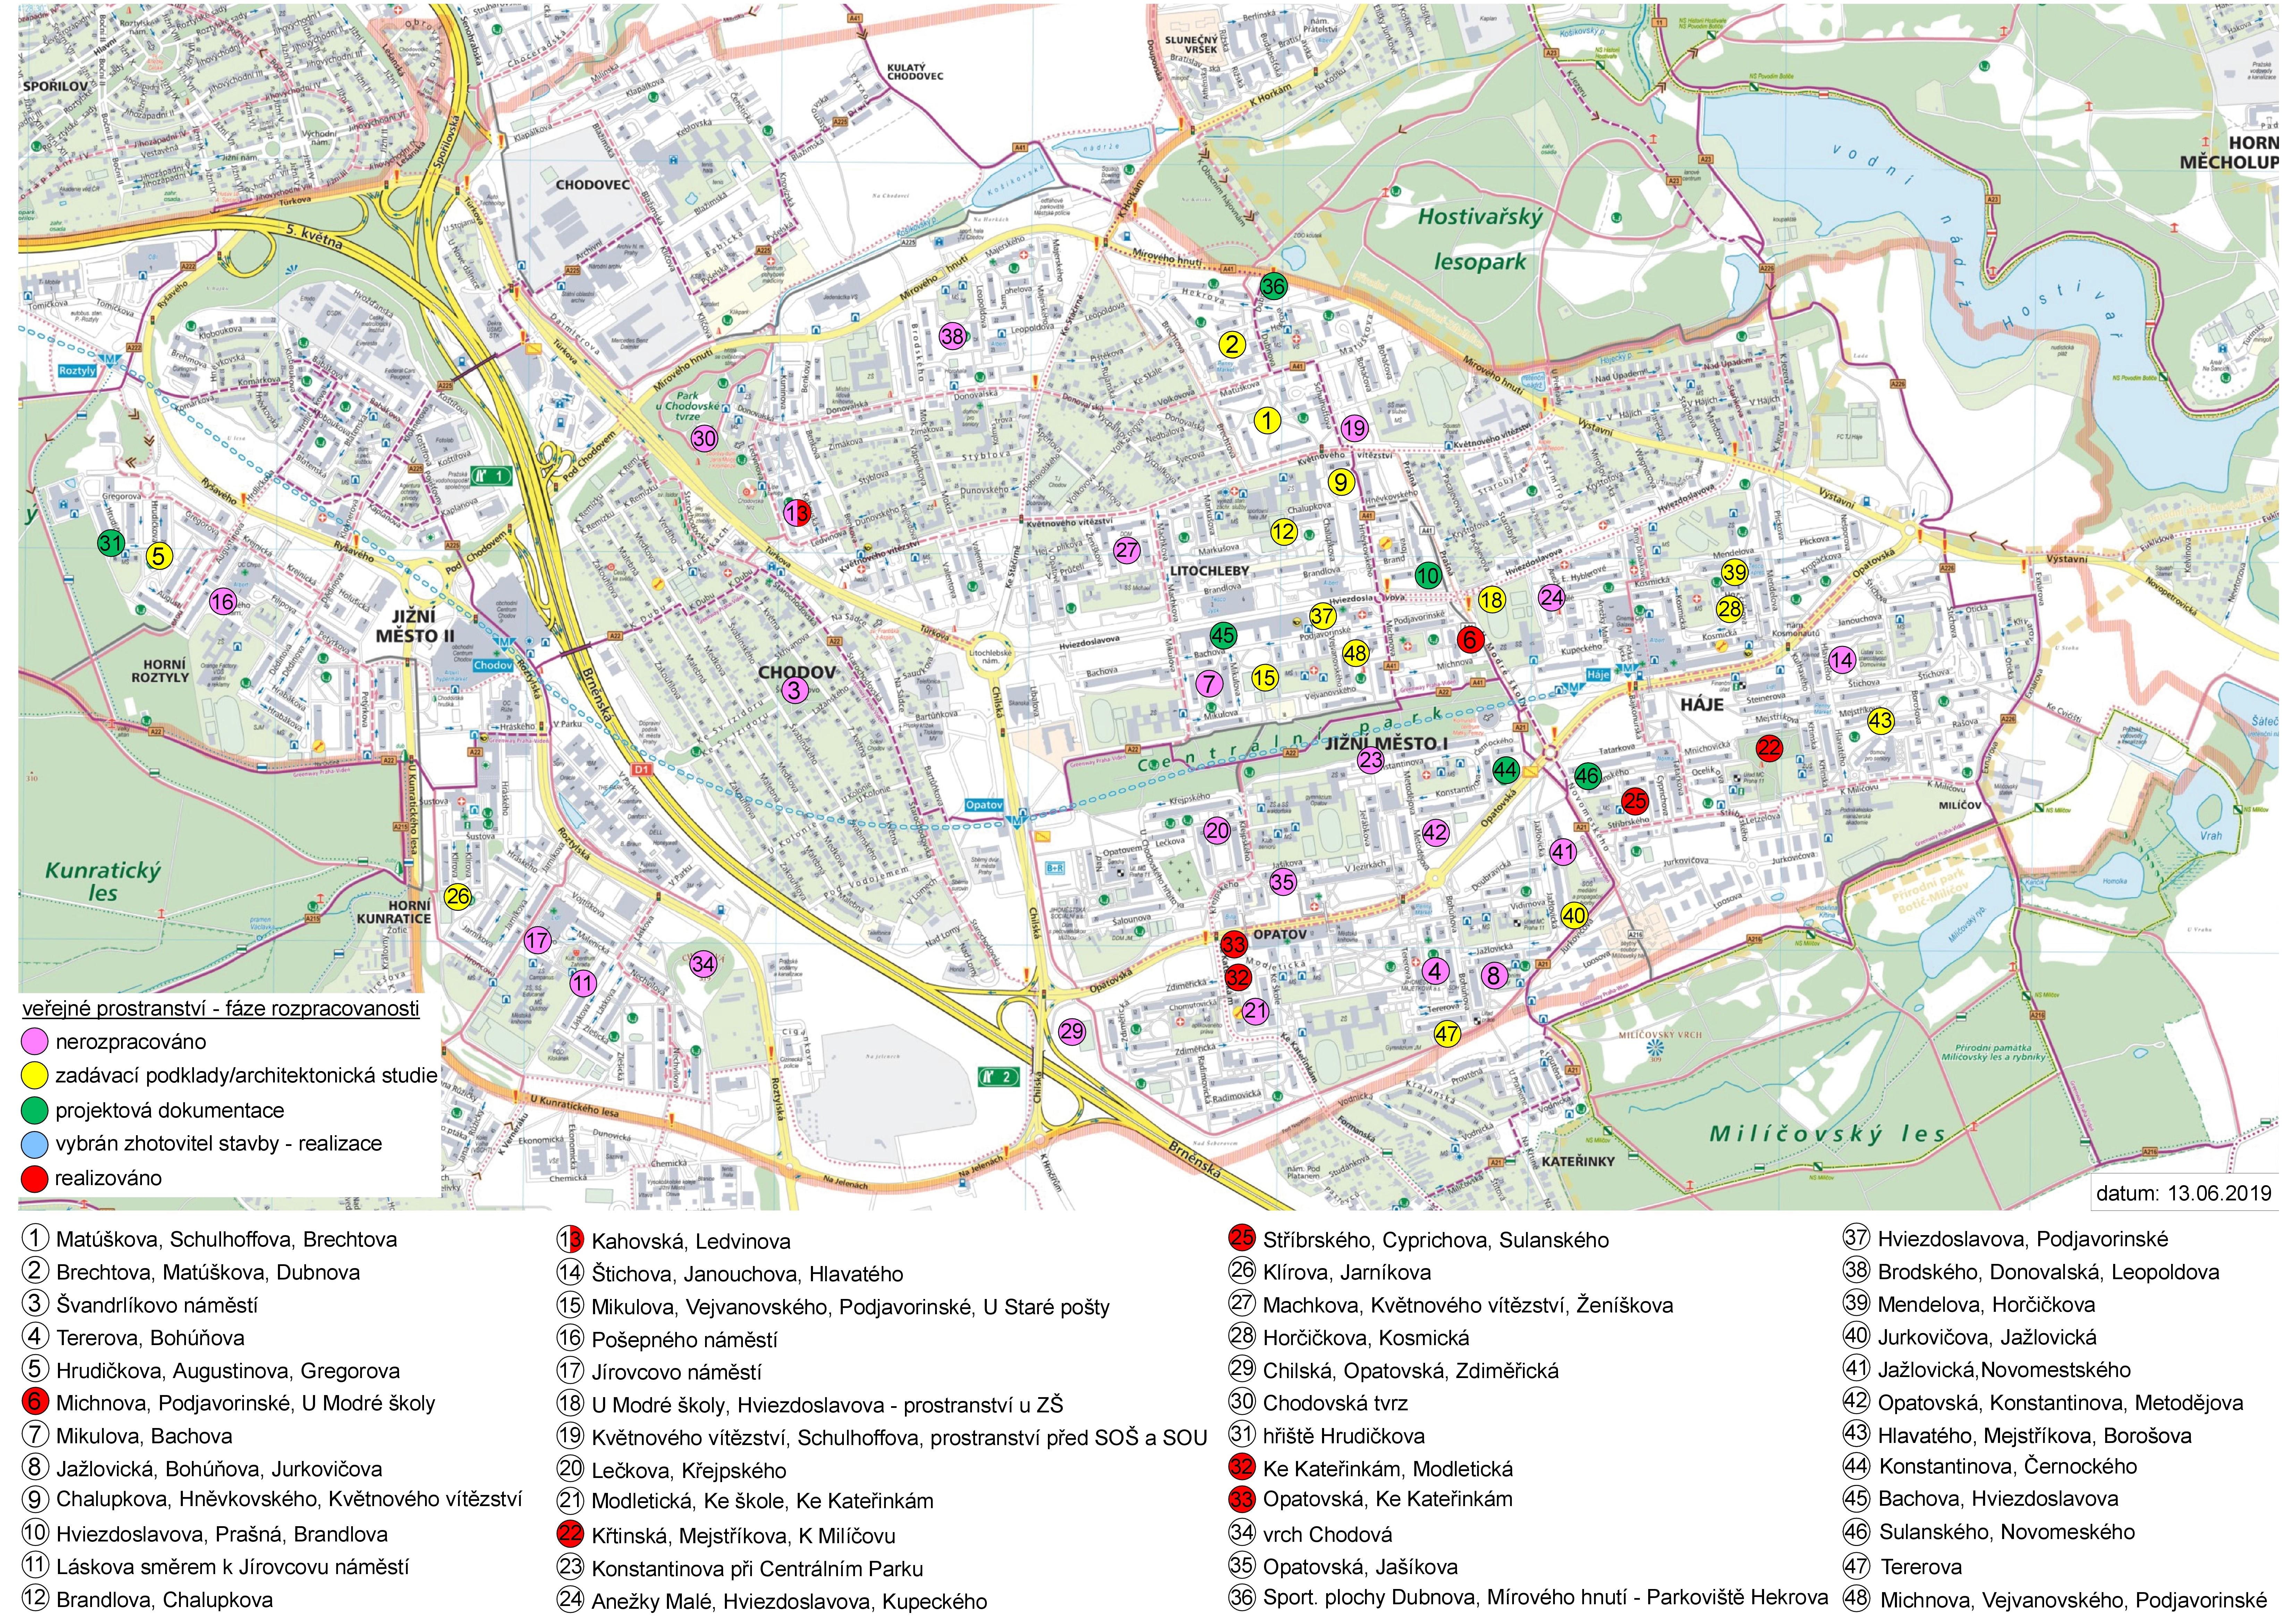 Mapa pobytových veřejných prostranství, obrázek se otevře v novém okně